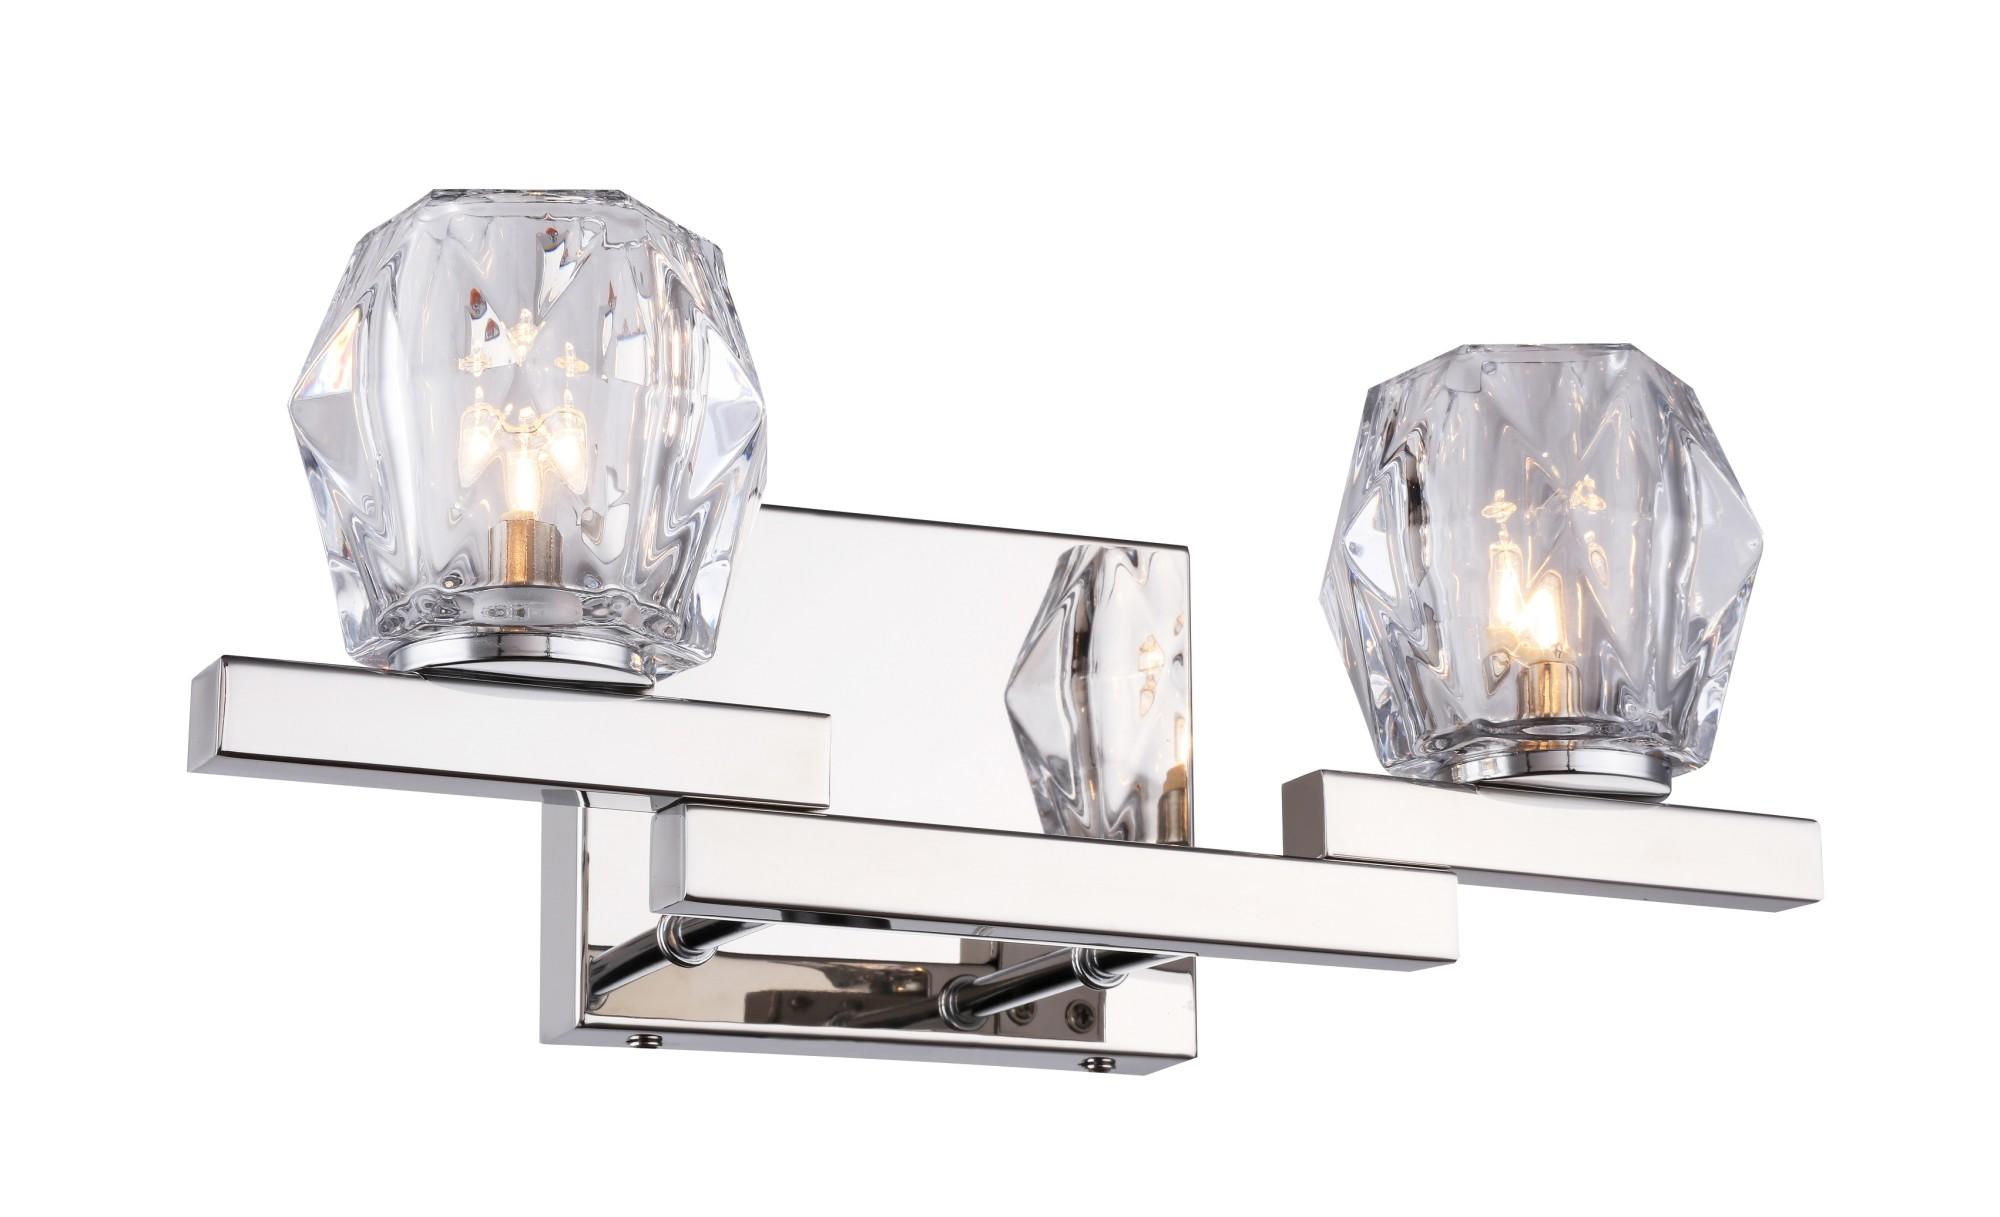 Woodbridge Lighting Le C Jewel 2 Light 14 W Led